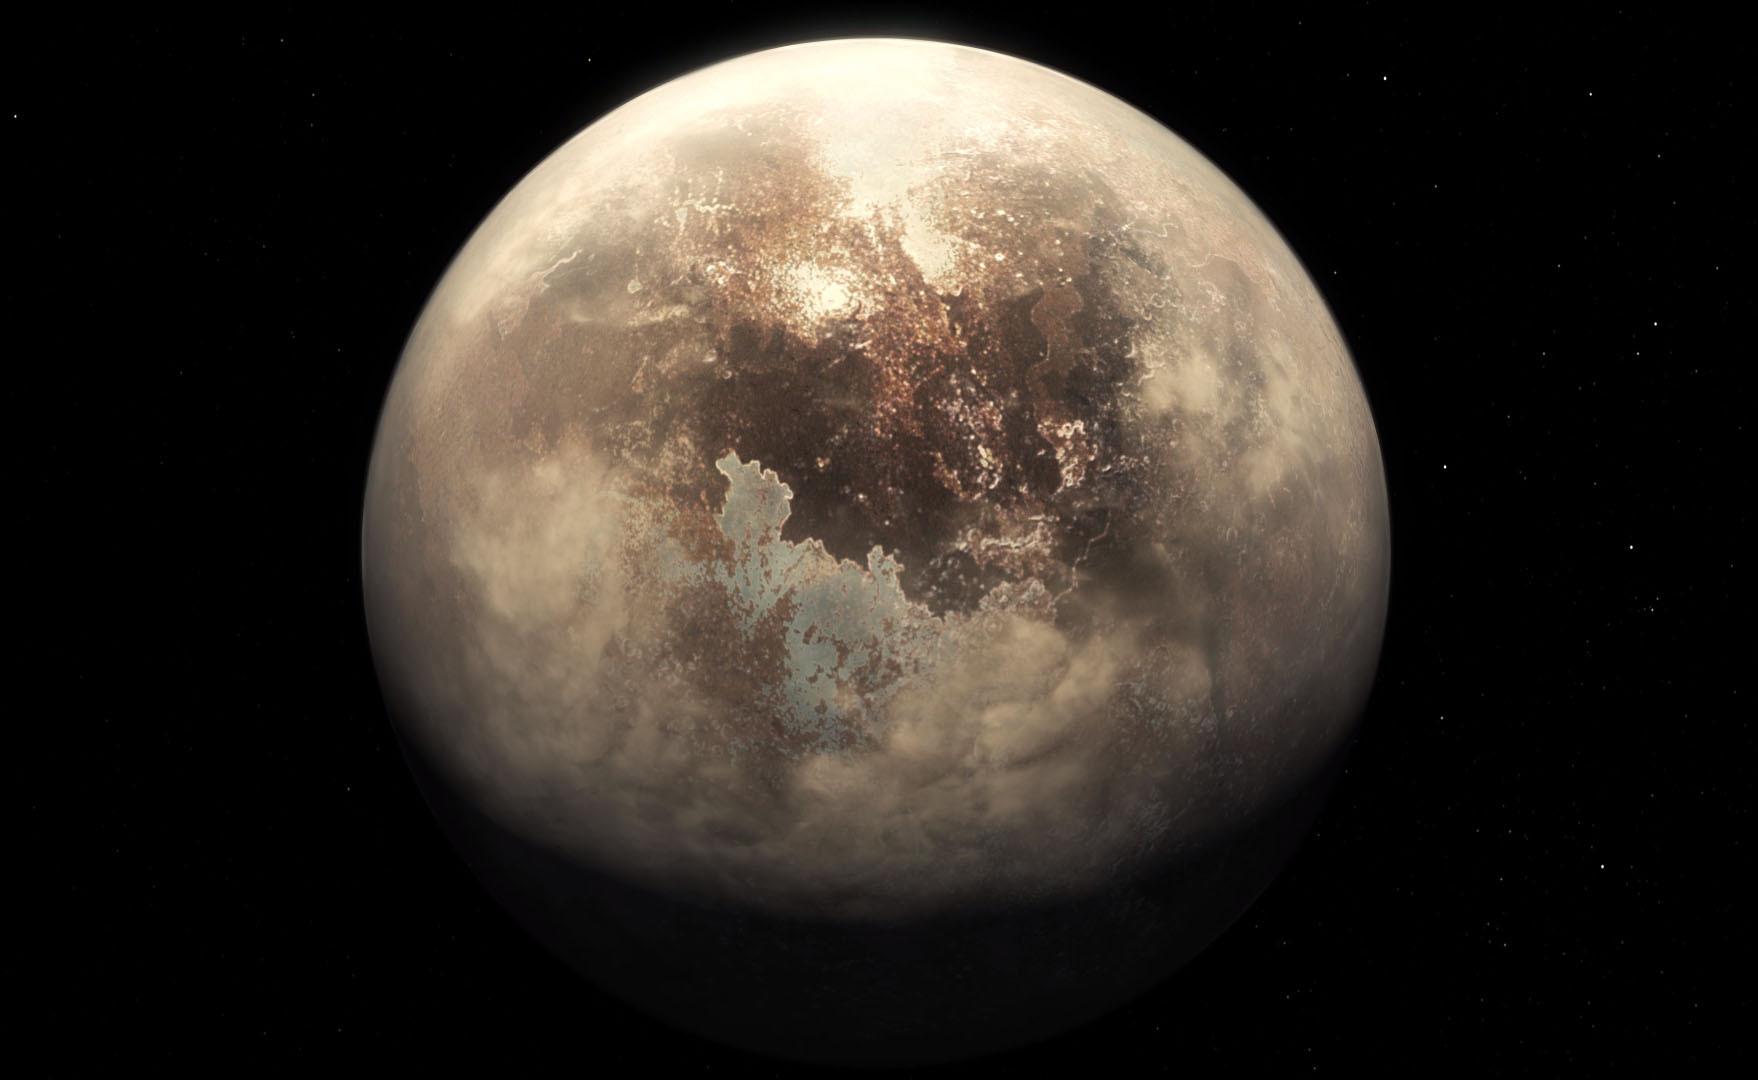 [Перевод] Планета Росс 128 b в 11 св. годах от нас может быть пристанищем для жизни